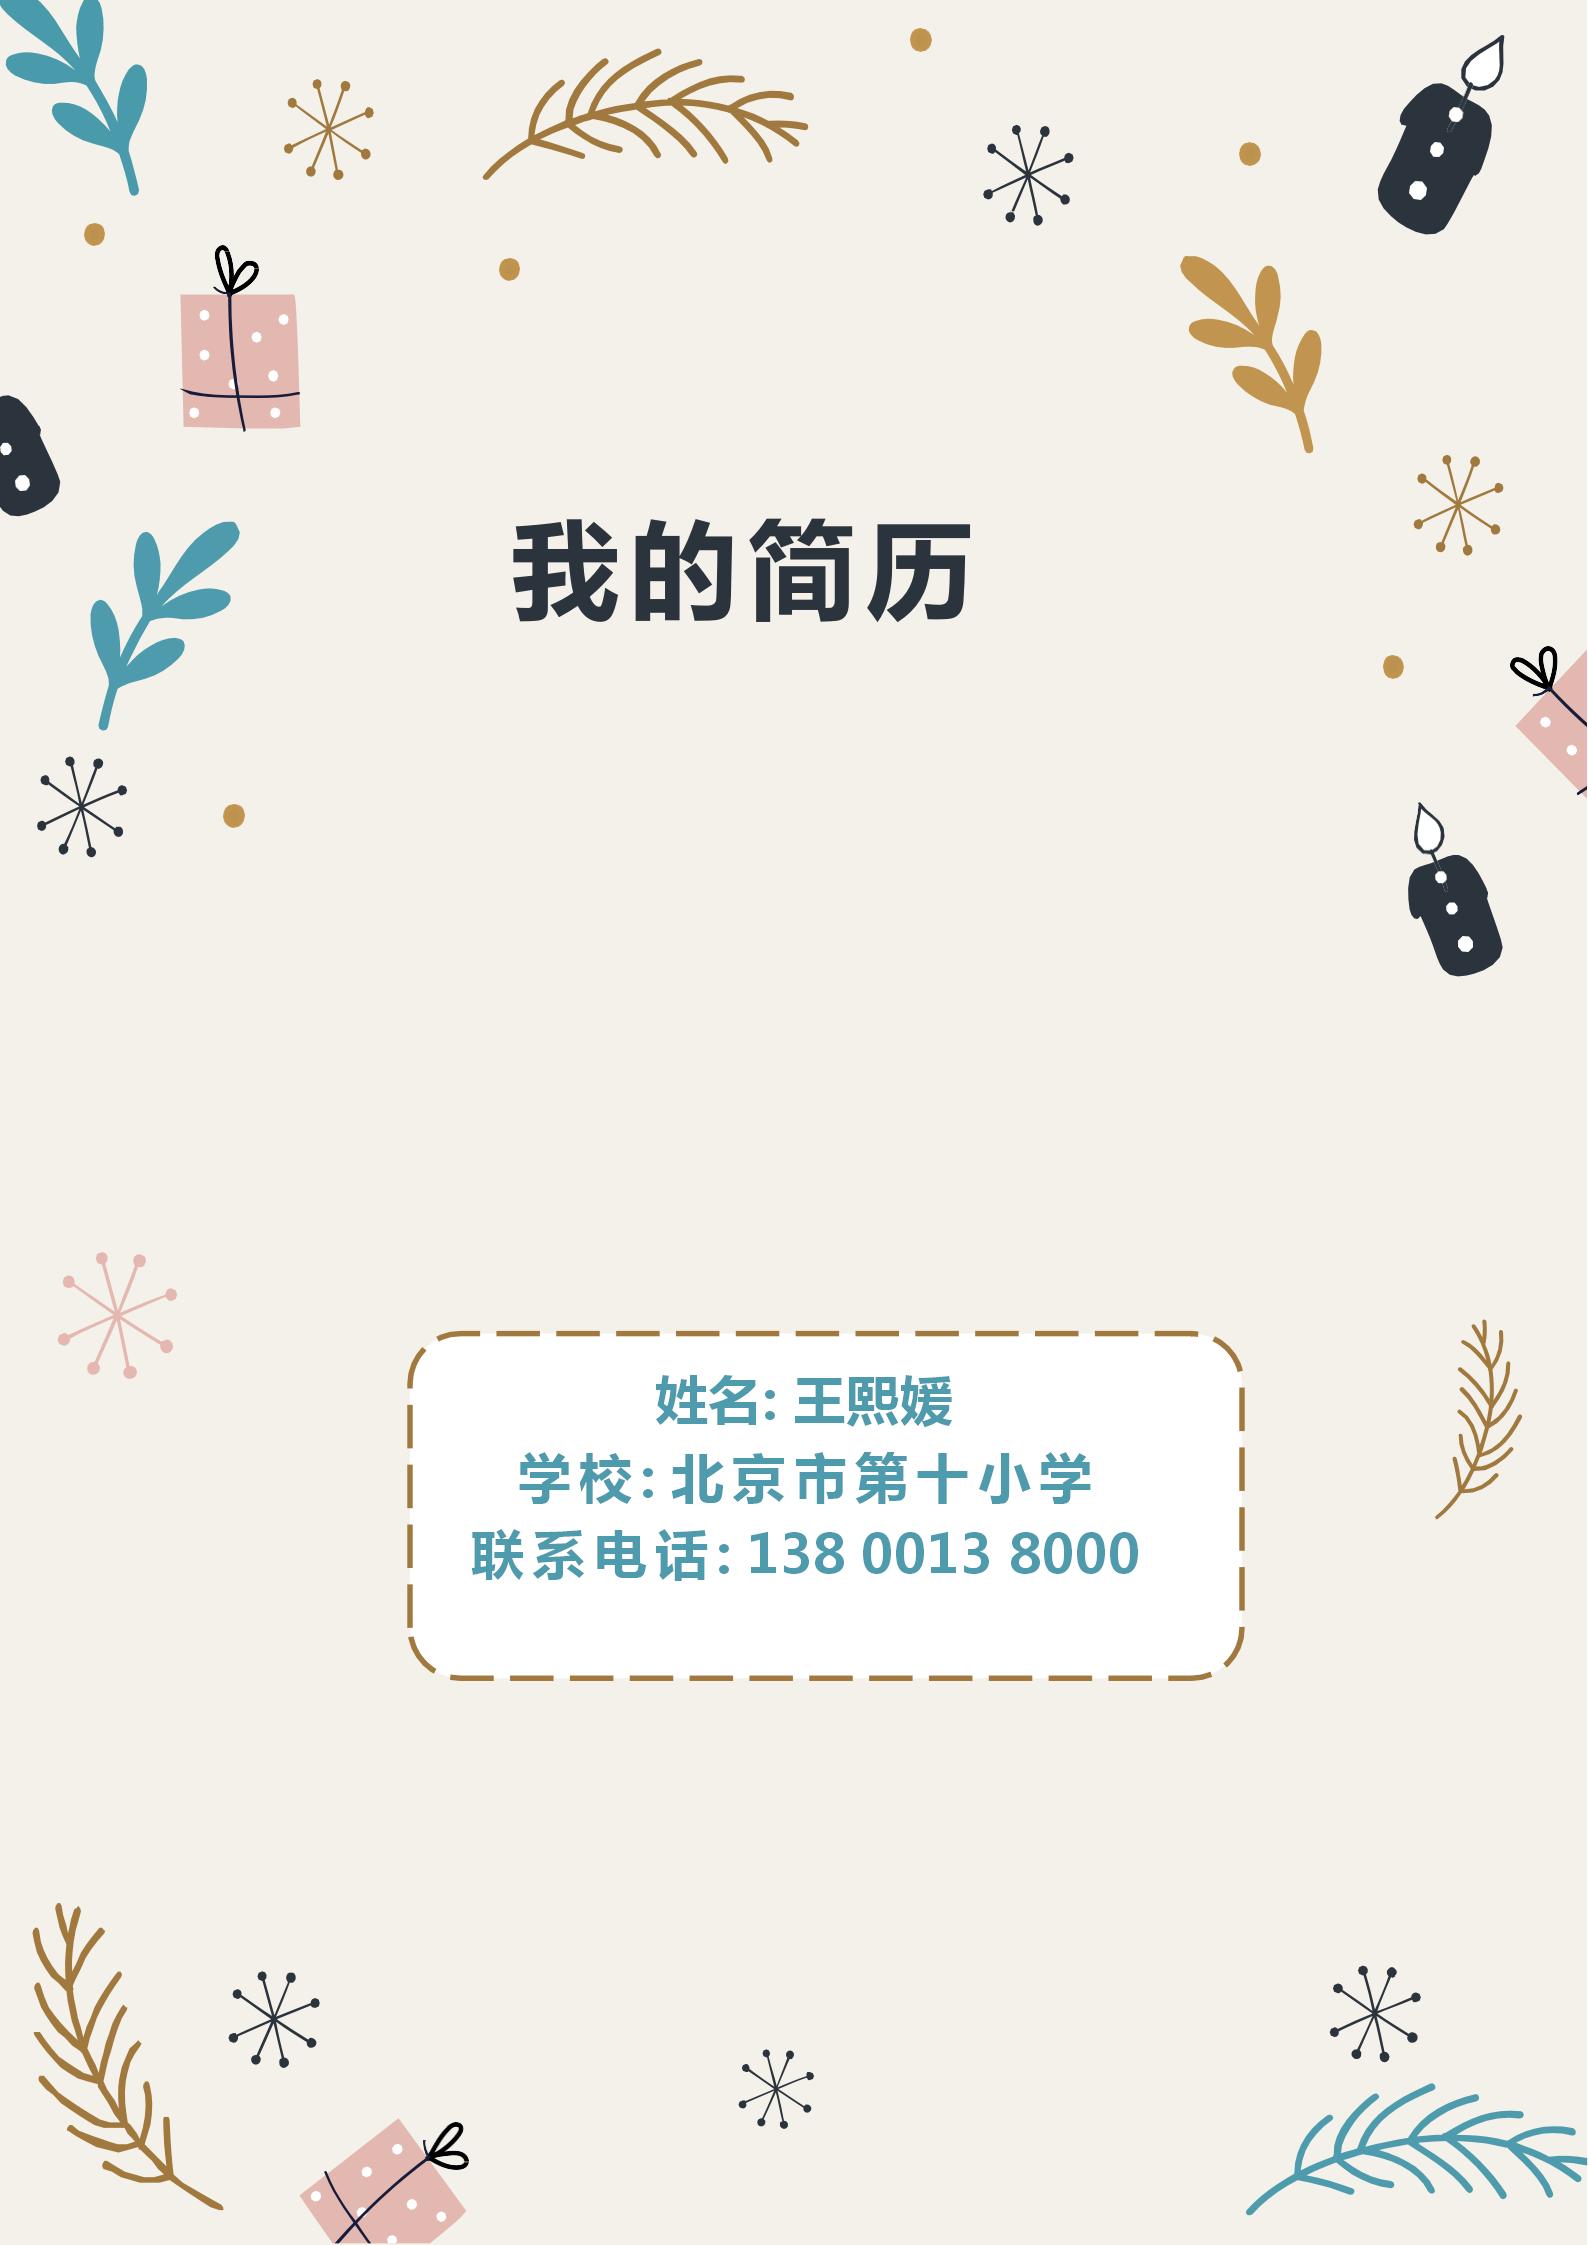 2020年深圳小学升初中个人简历免费